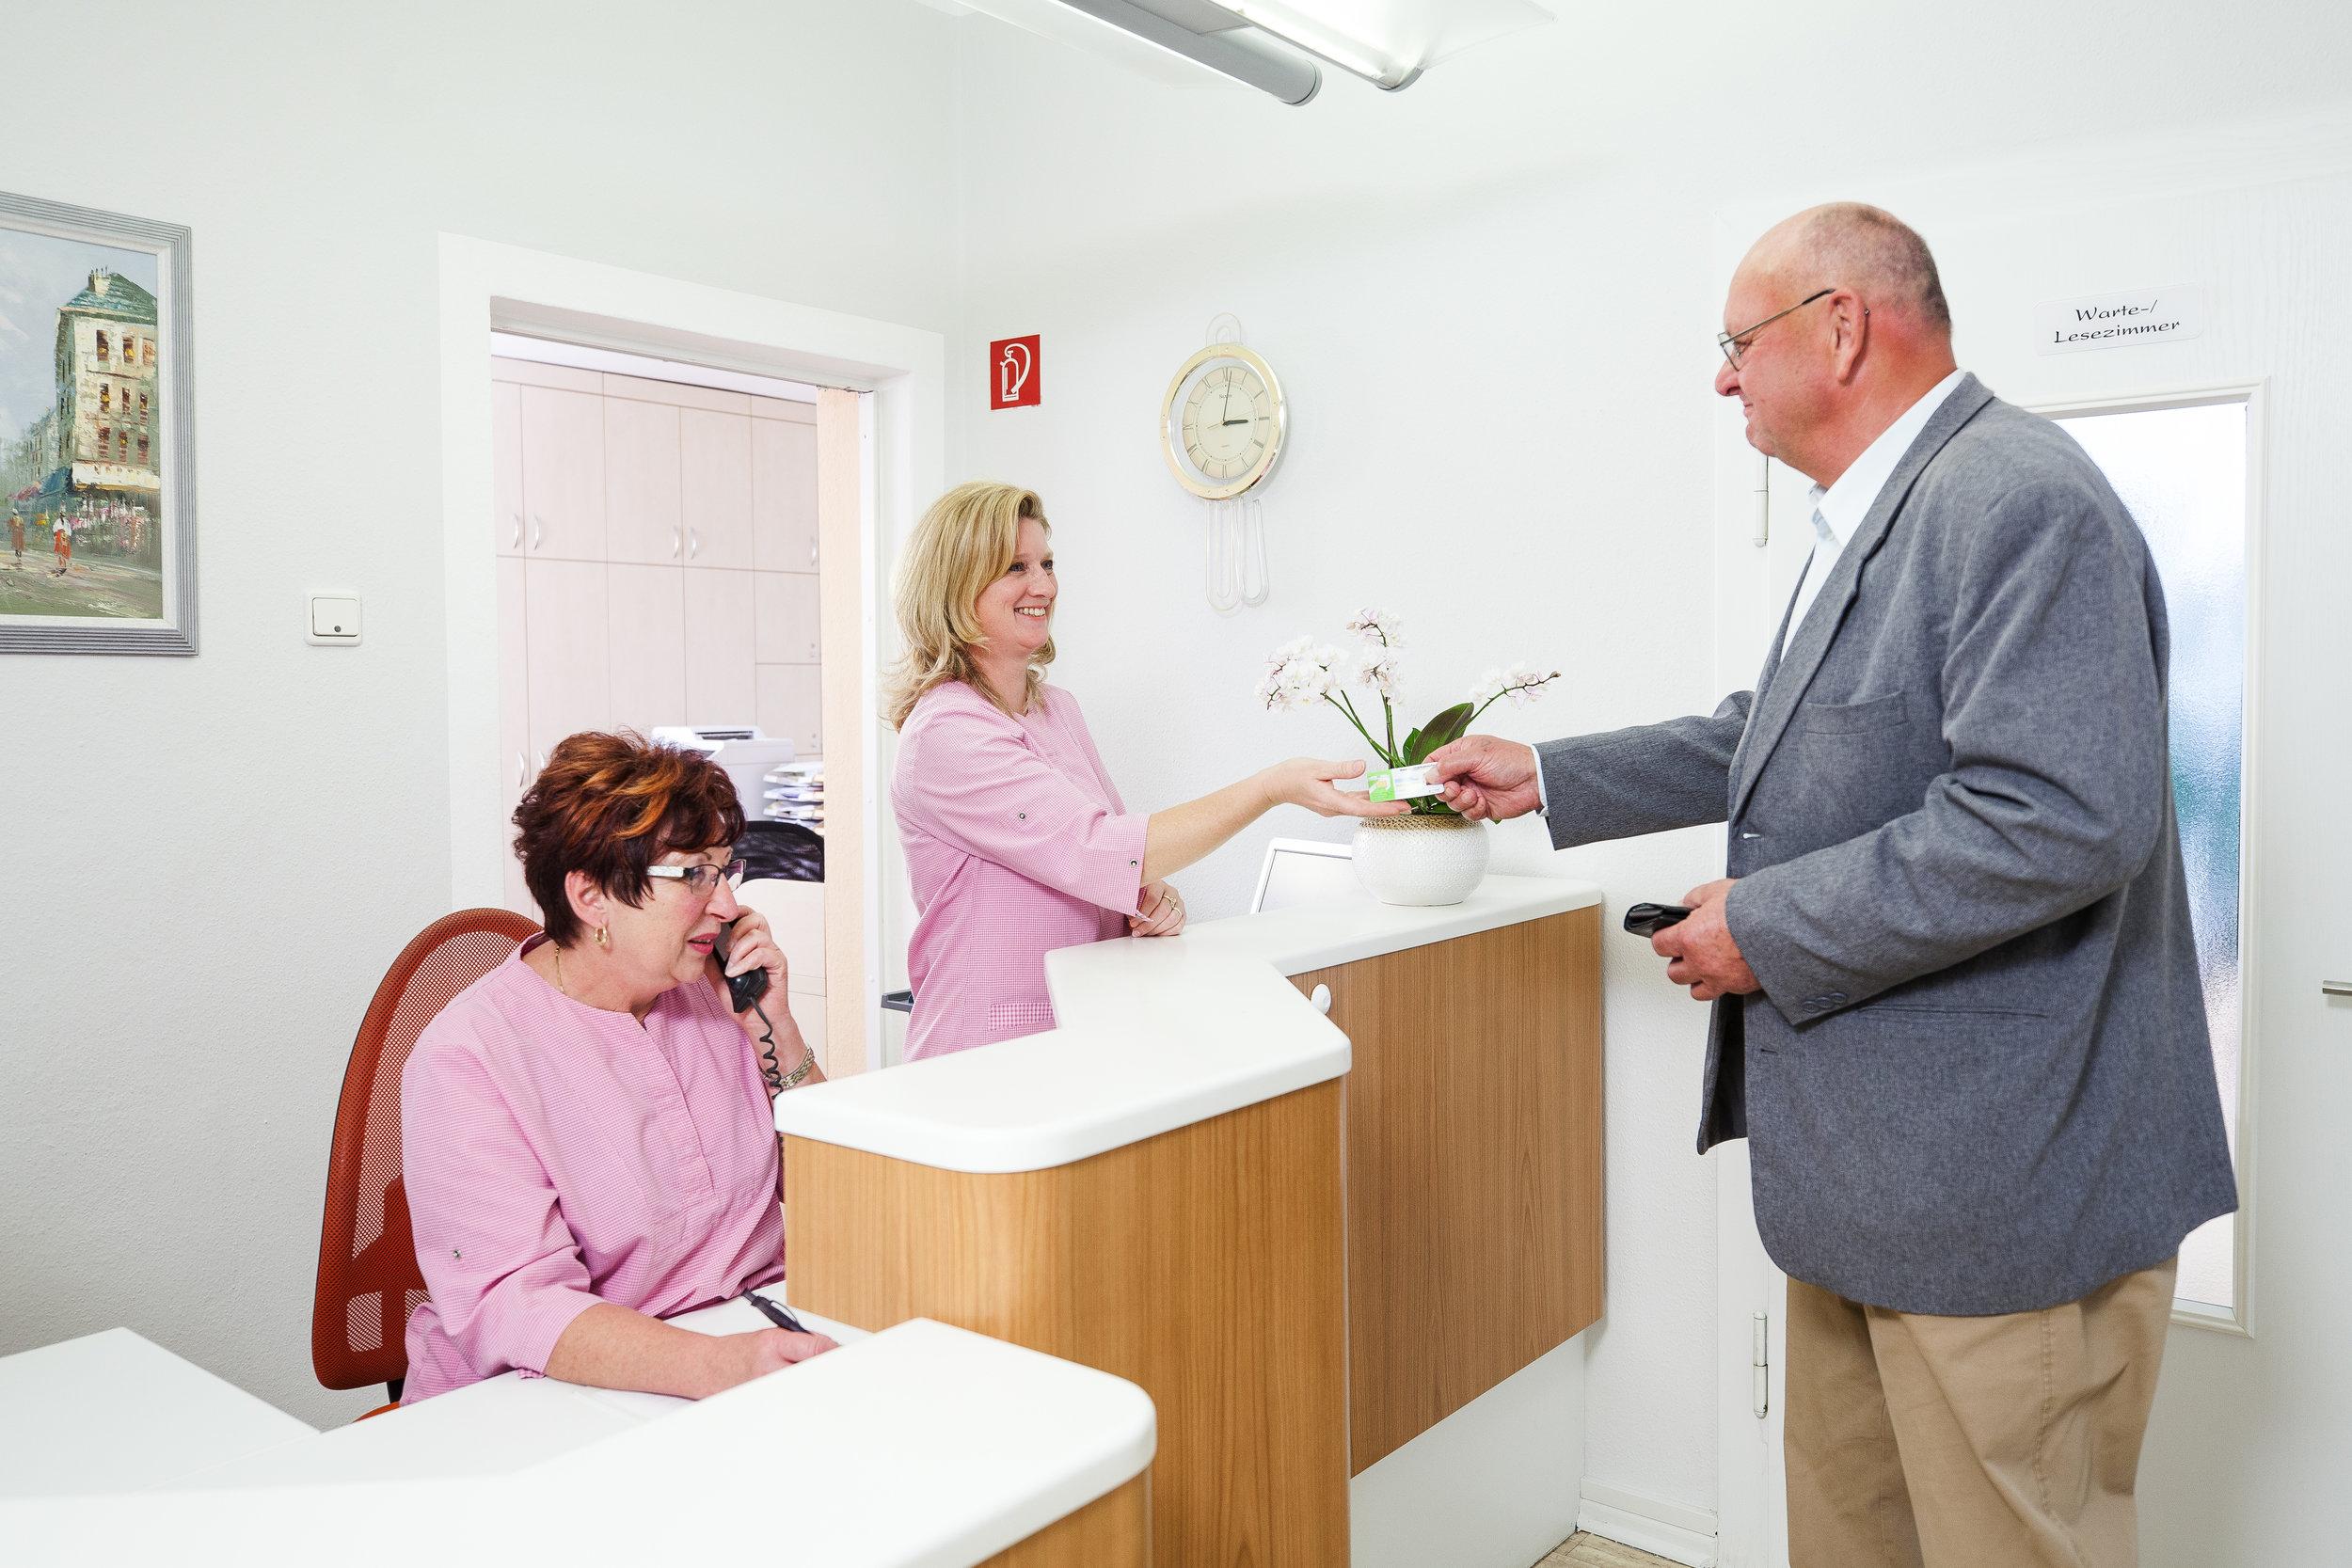 Rezeption Praxisfotografie Fotograf für Zahnärzte Business0104013.JPG